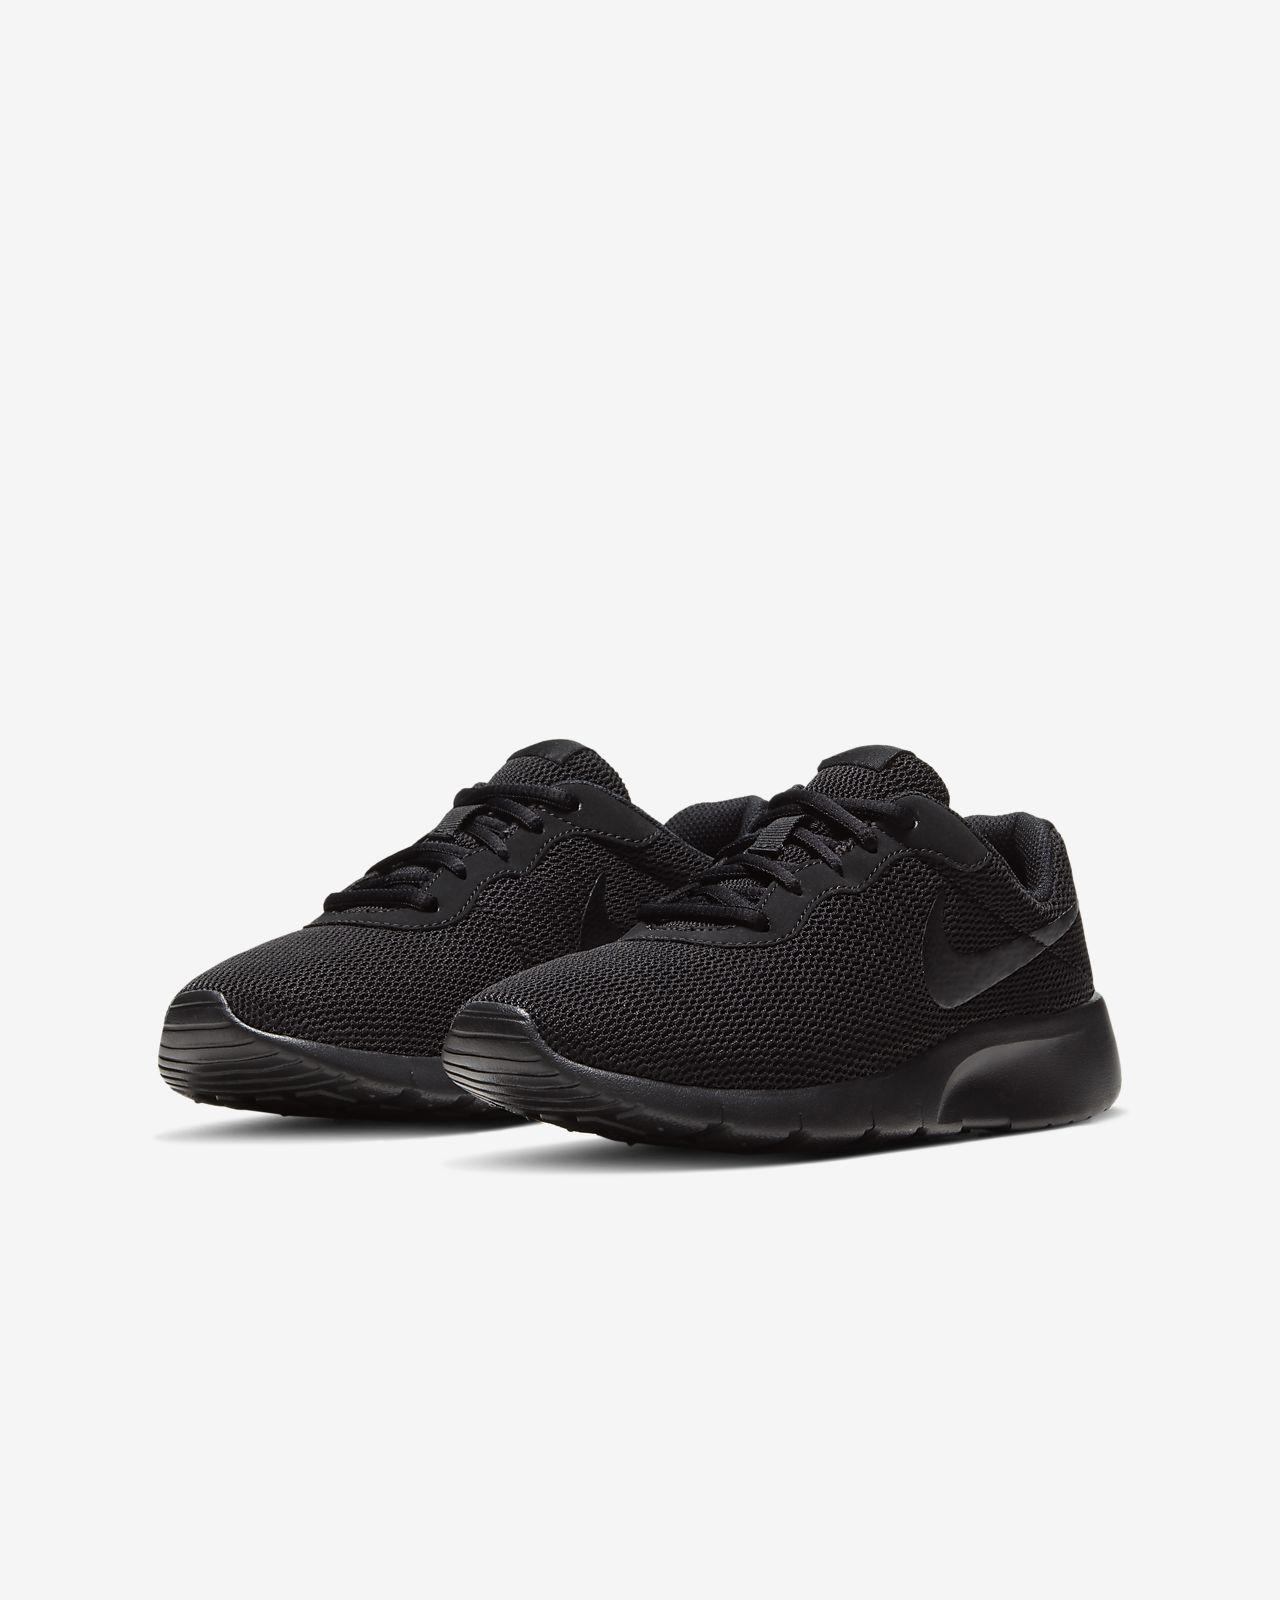 Kinder Nike Schuh ältere Tanjun für n0wXkN8OPZ